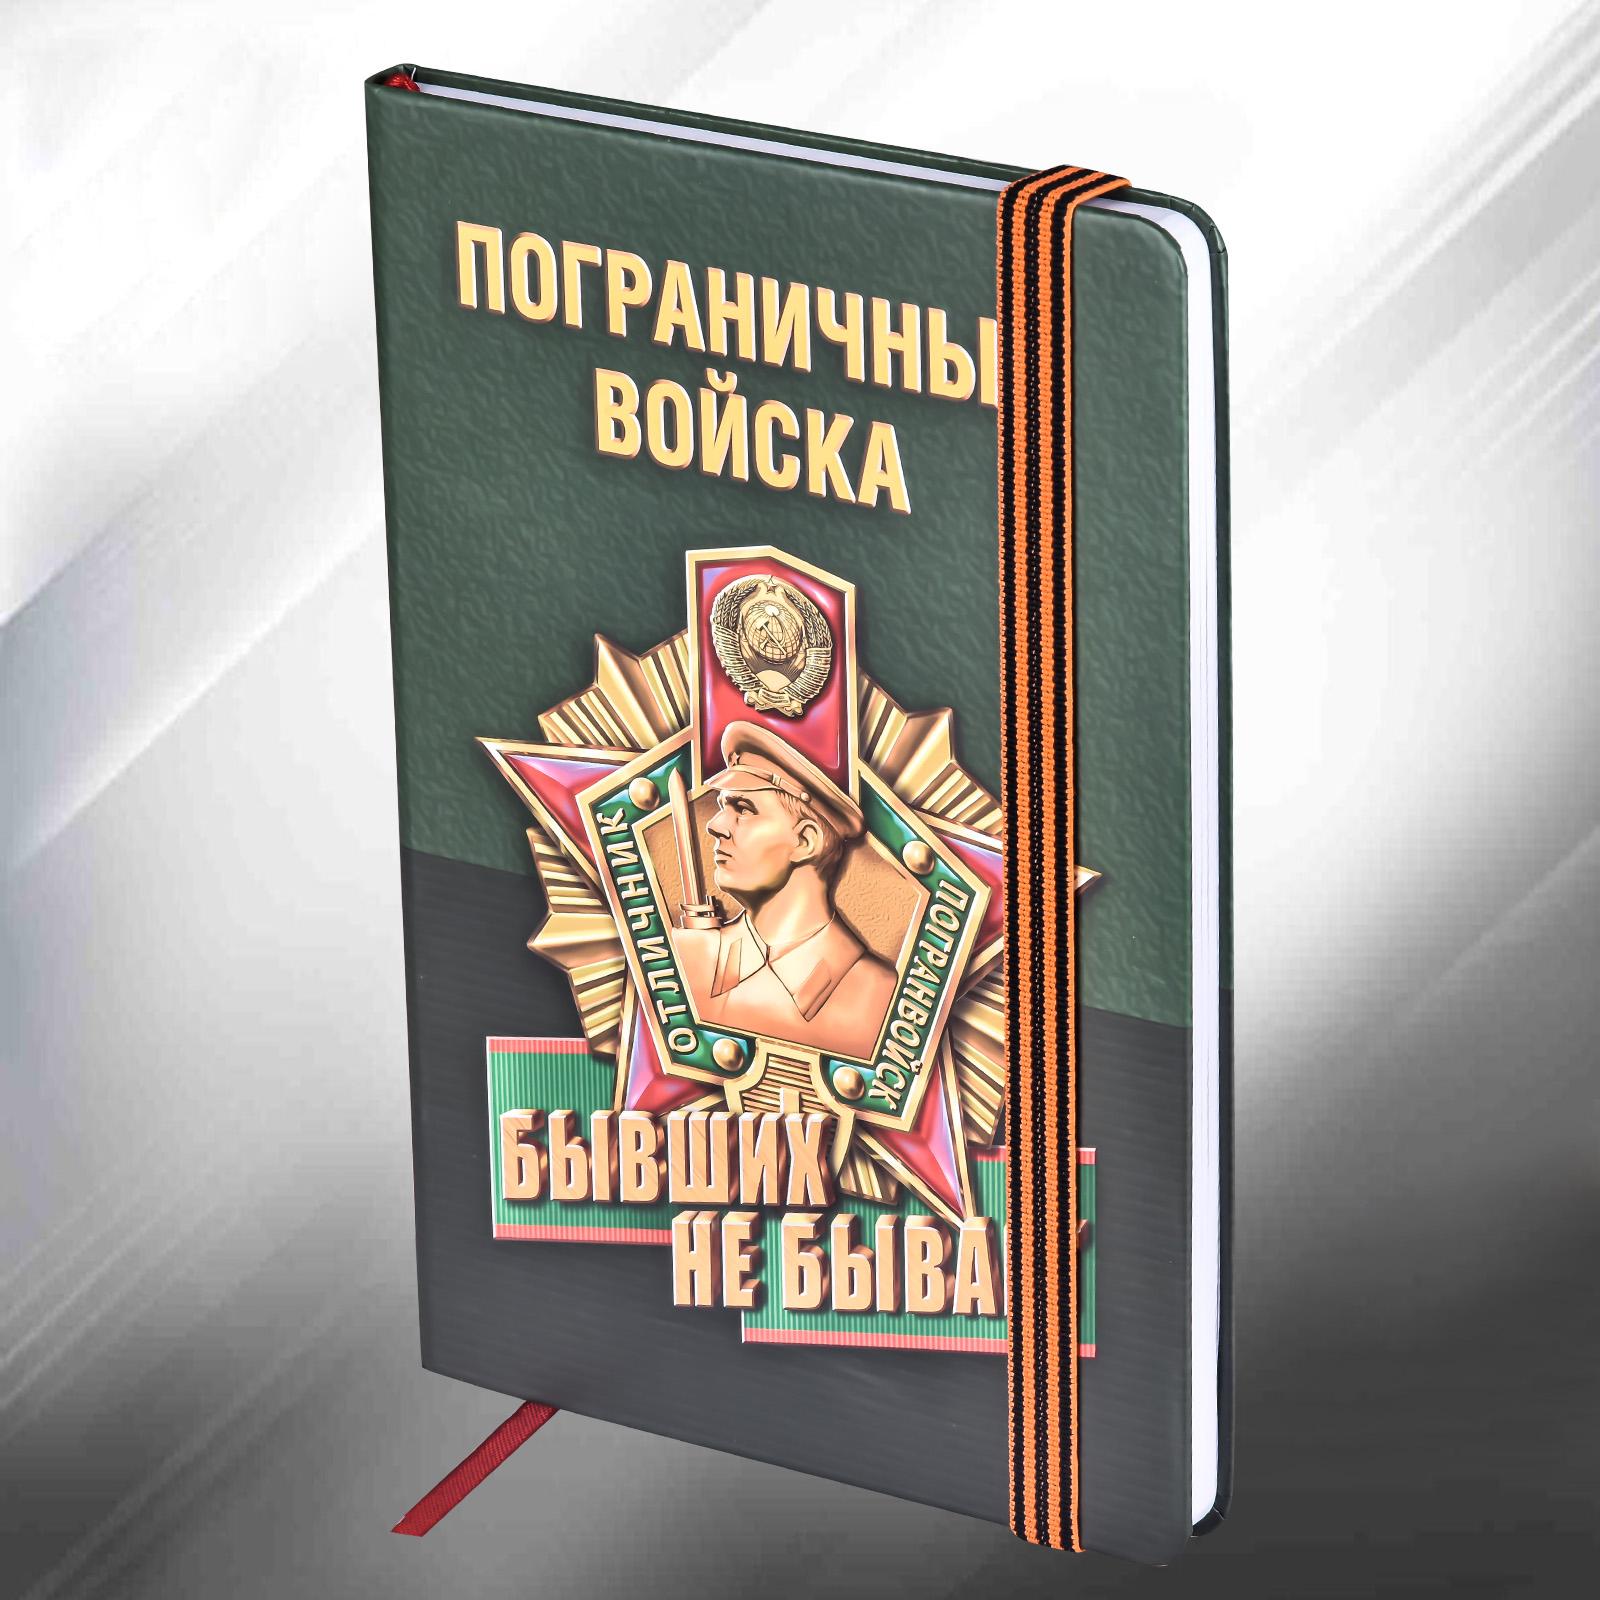 Блокнот Погранвойска